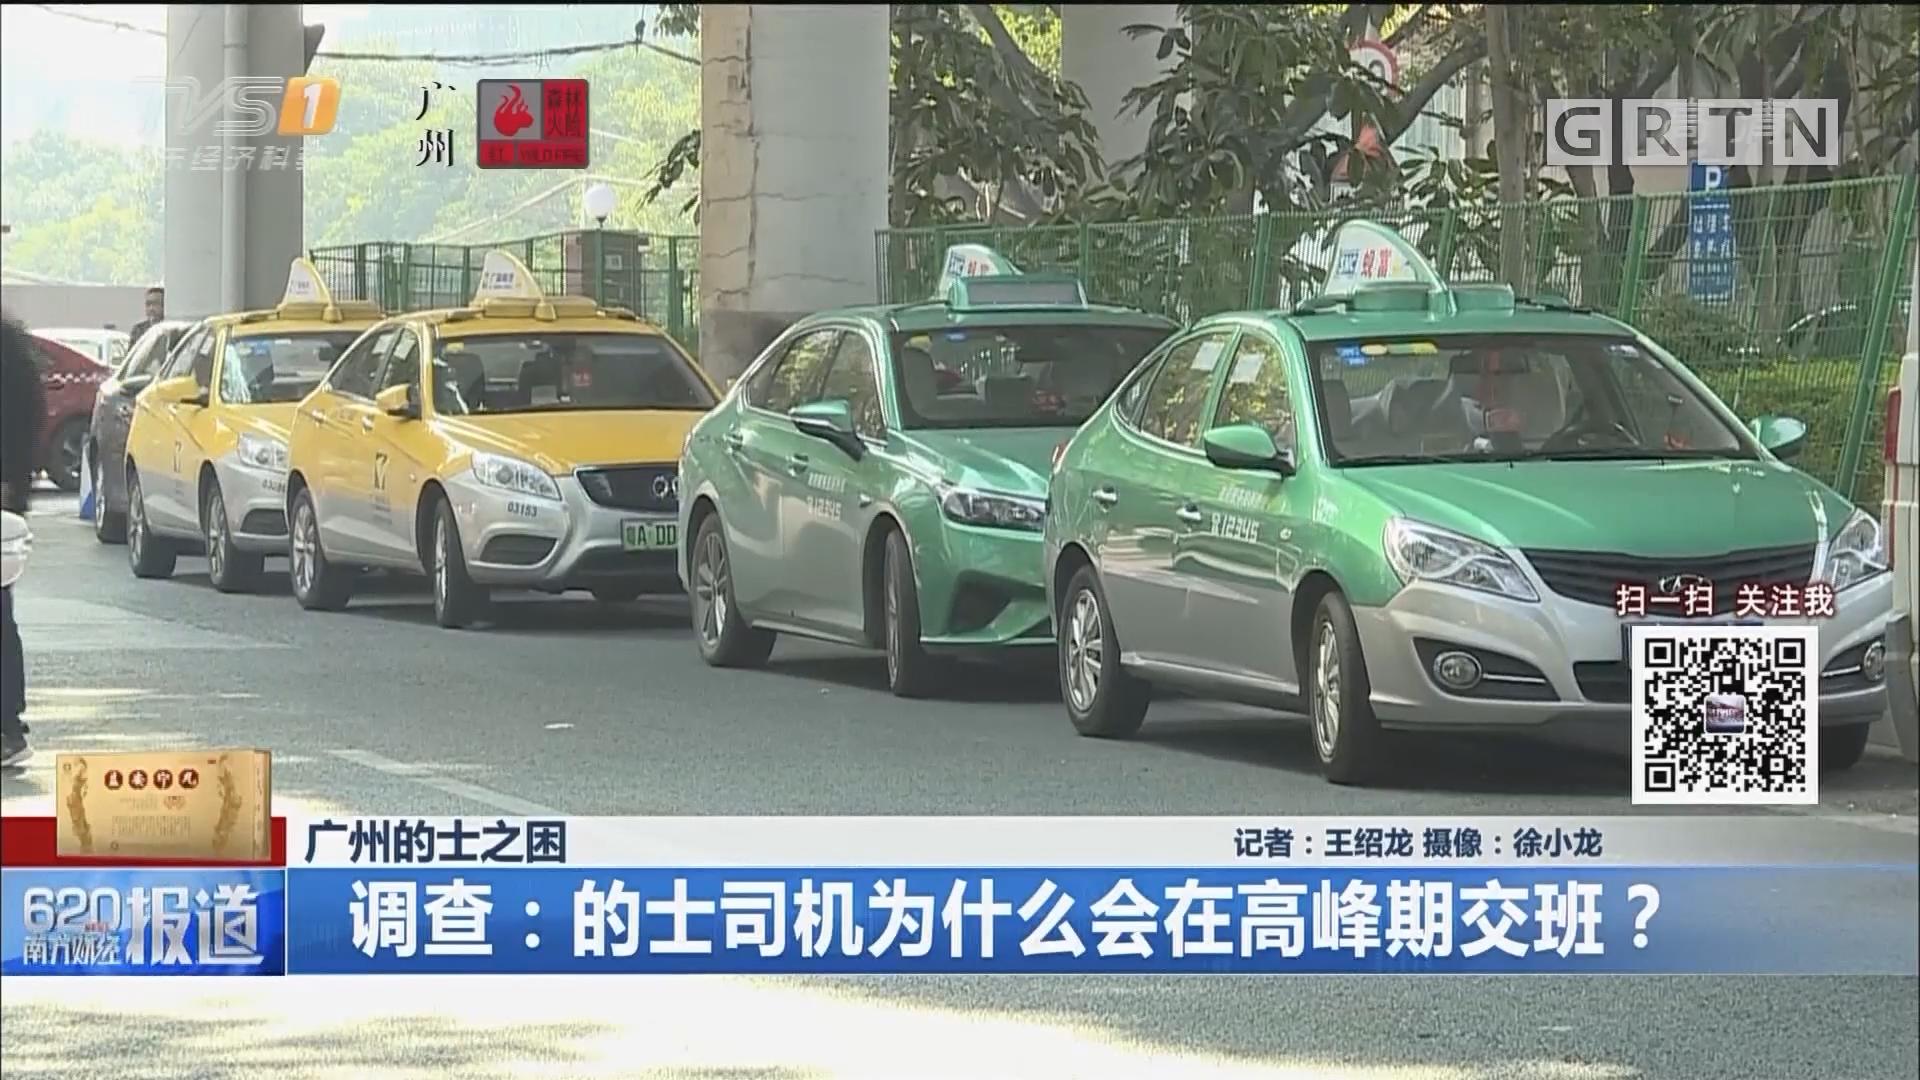 廣州的士之困 調查:的士司機為什么會在高峰期交班?